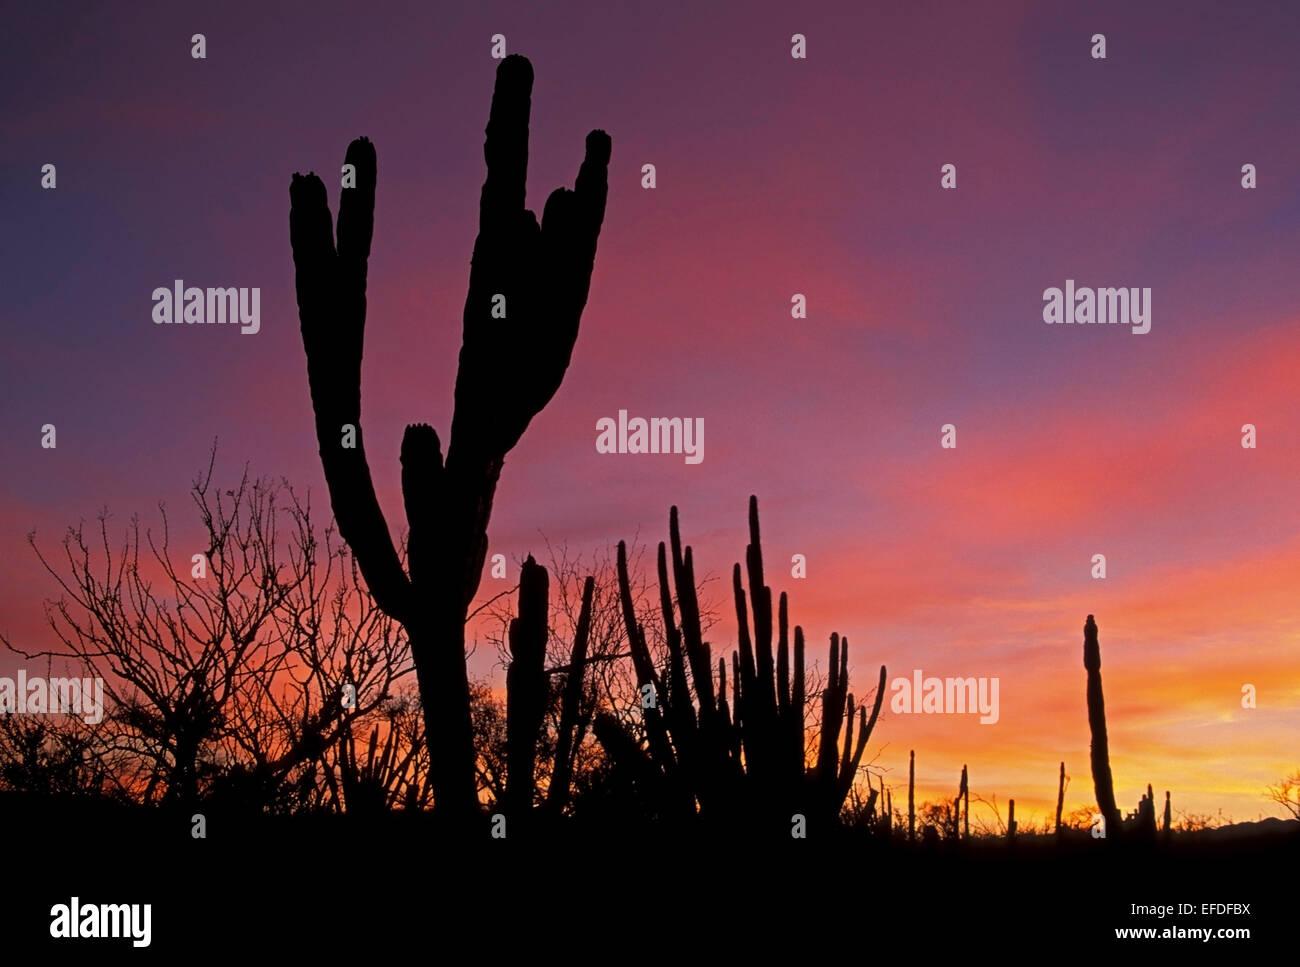 Siluetas de cactus y cielo naranja rosa, todos santos, Baja California Sur, México Imagen De Stock